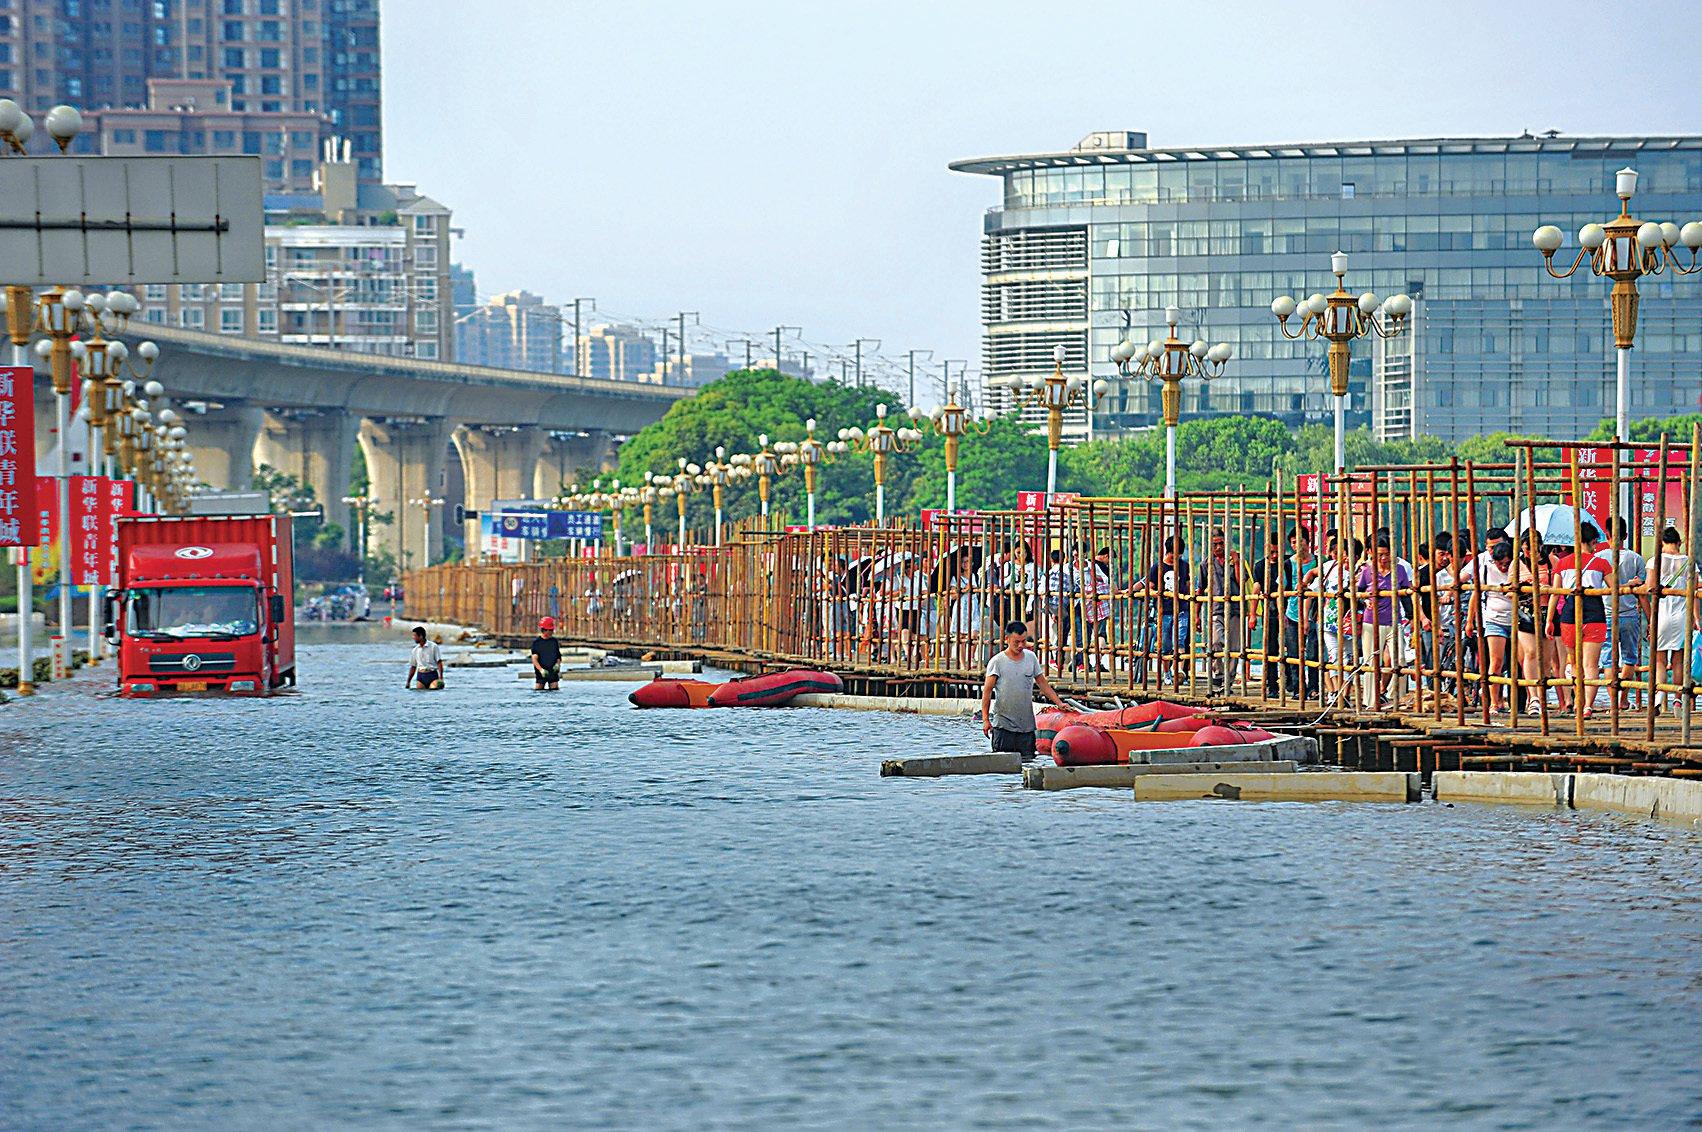 長江中下游洪災,重災區湖北省近日會迎來新一輪降雨,省會武漢成一片澤國。(大紀元資料圖片)